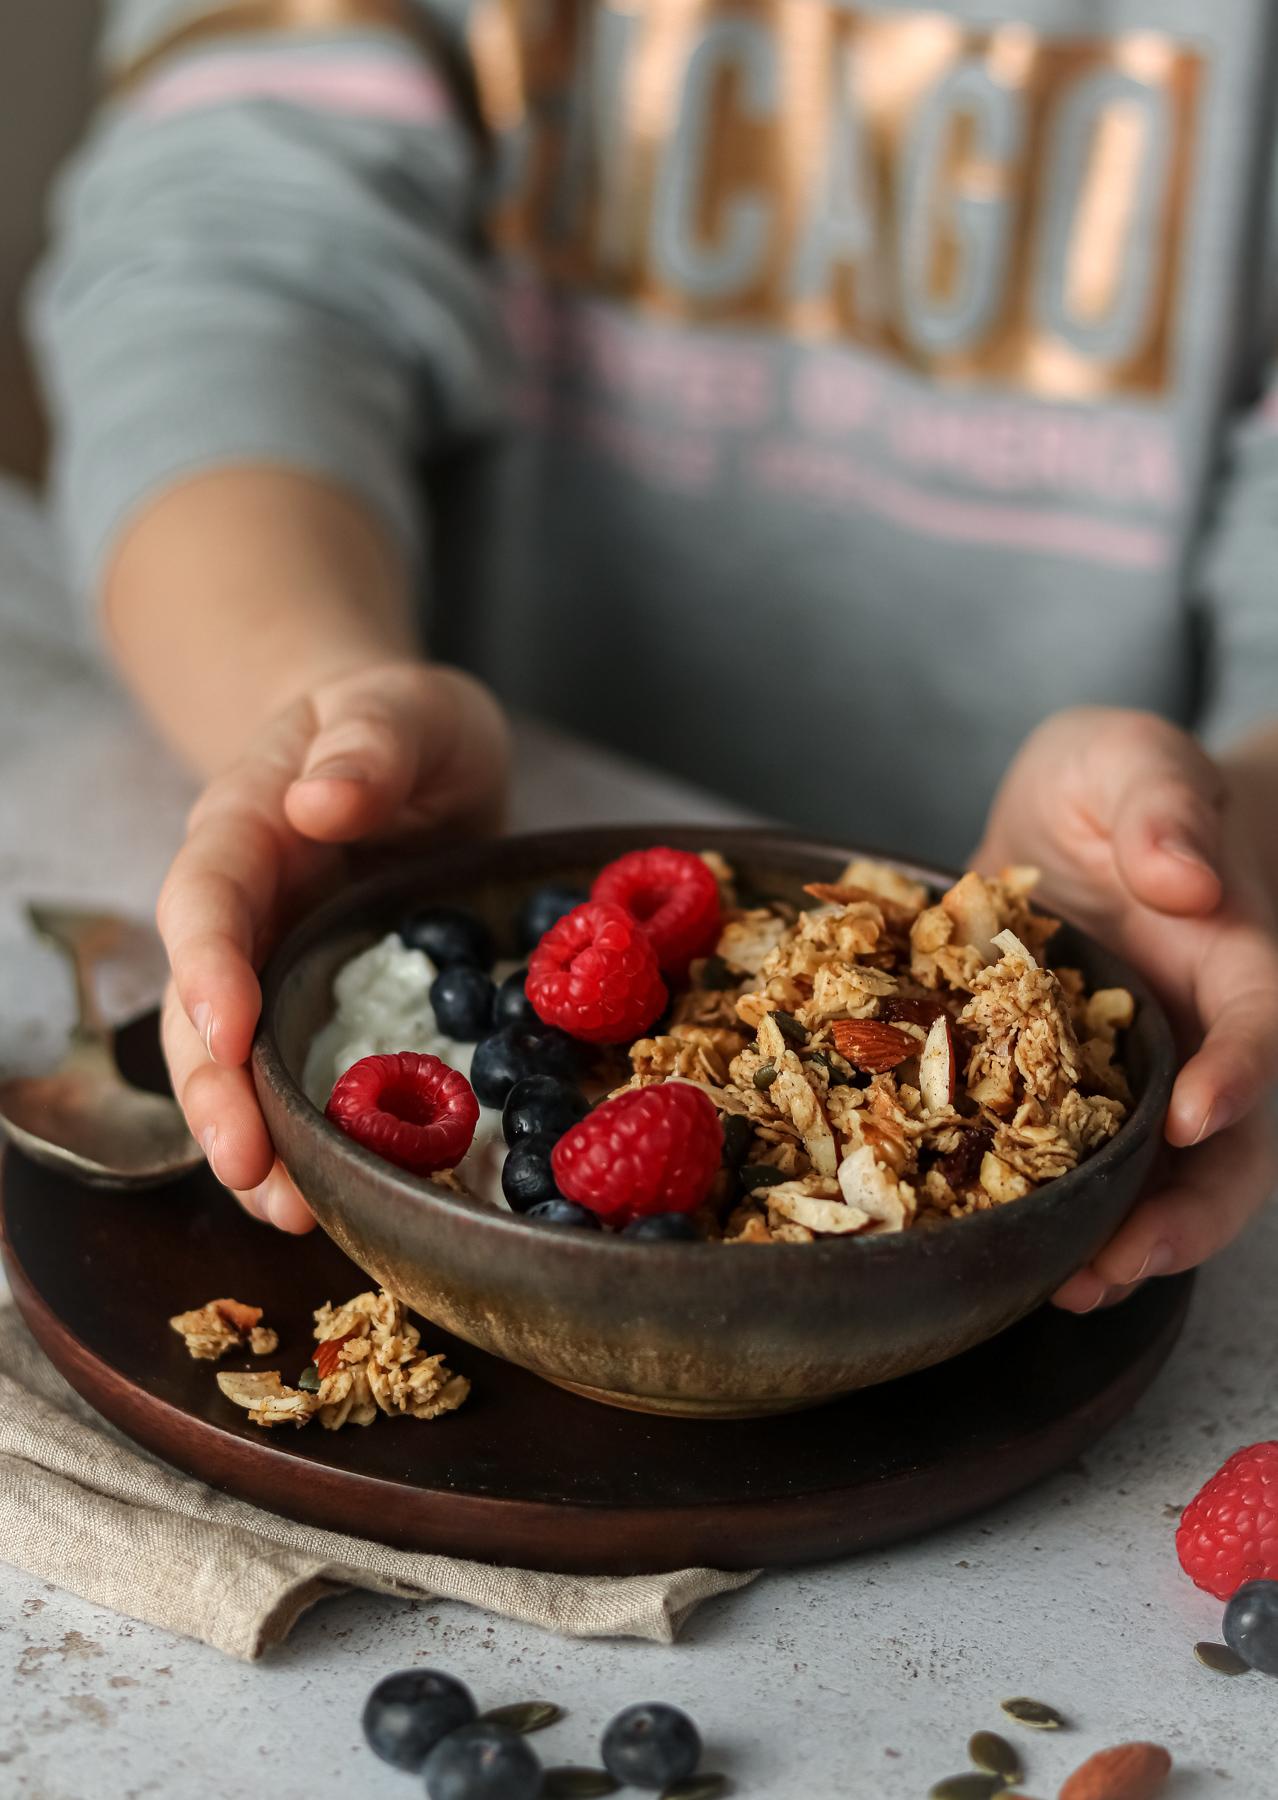 child picking up bowl of granola